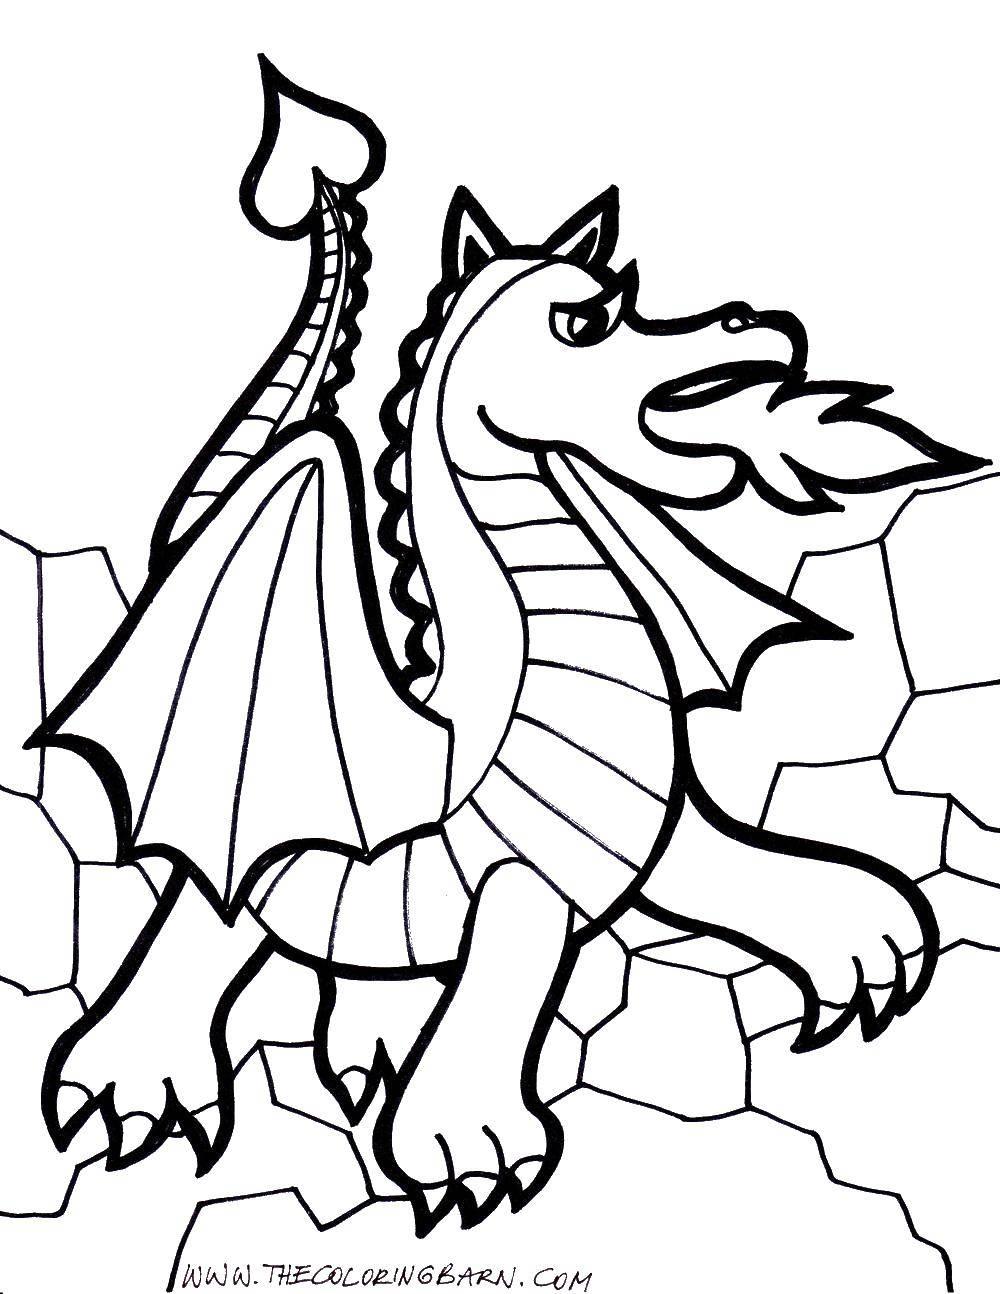 Раскраска Огнедышаший дракончик. Скачать огонь, драконы, дракон.  Распечатать ,Огонь,